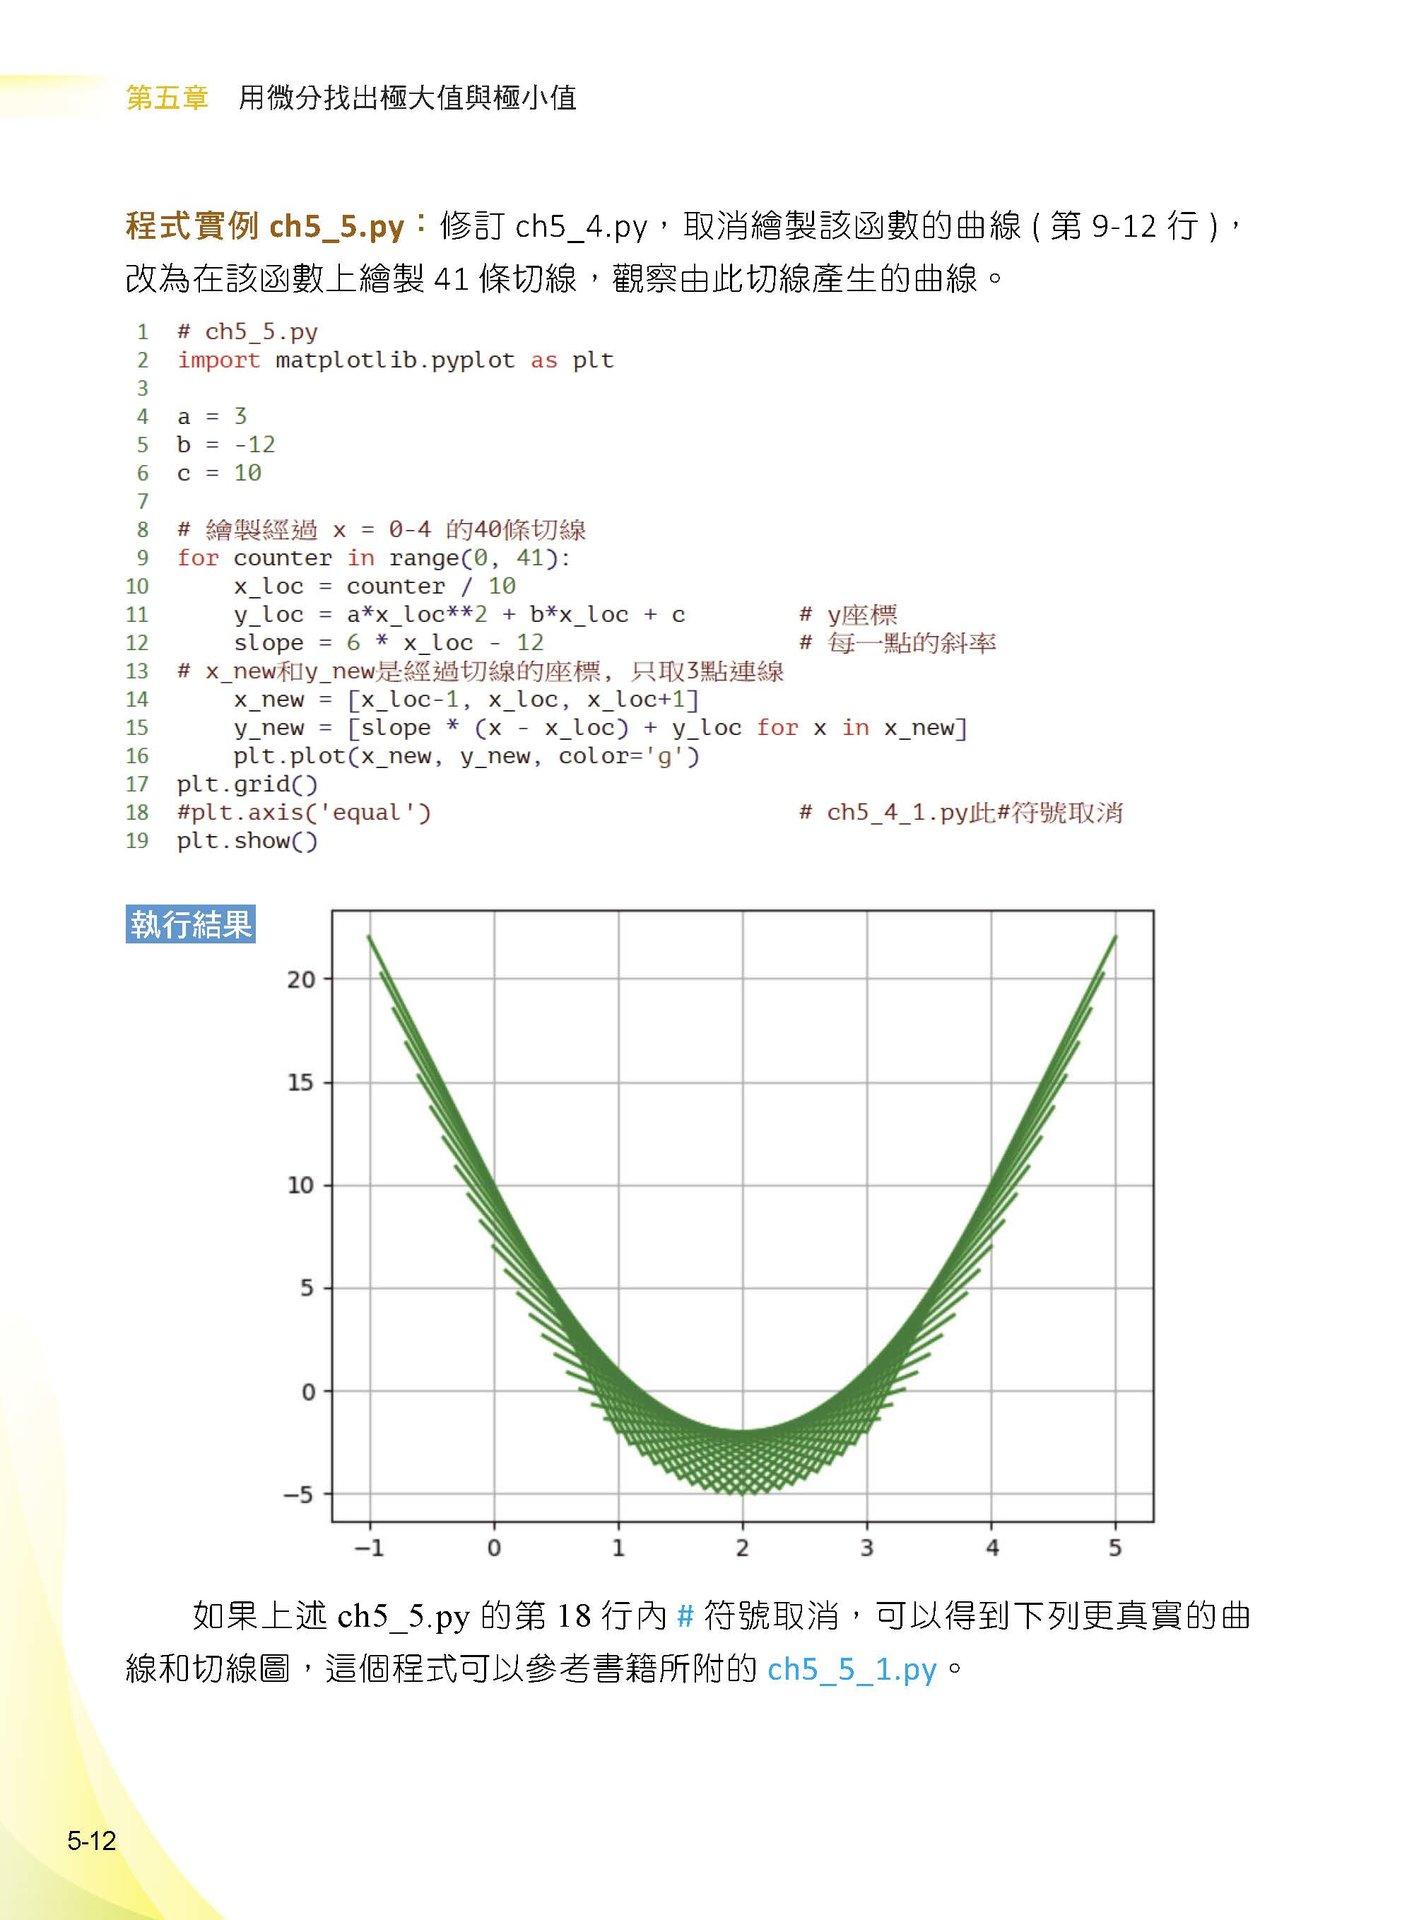 機器學習:彩色圖解 + 基礎微積分 + Python 實作 -- 王者歸來 (全彩)-preview-2